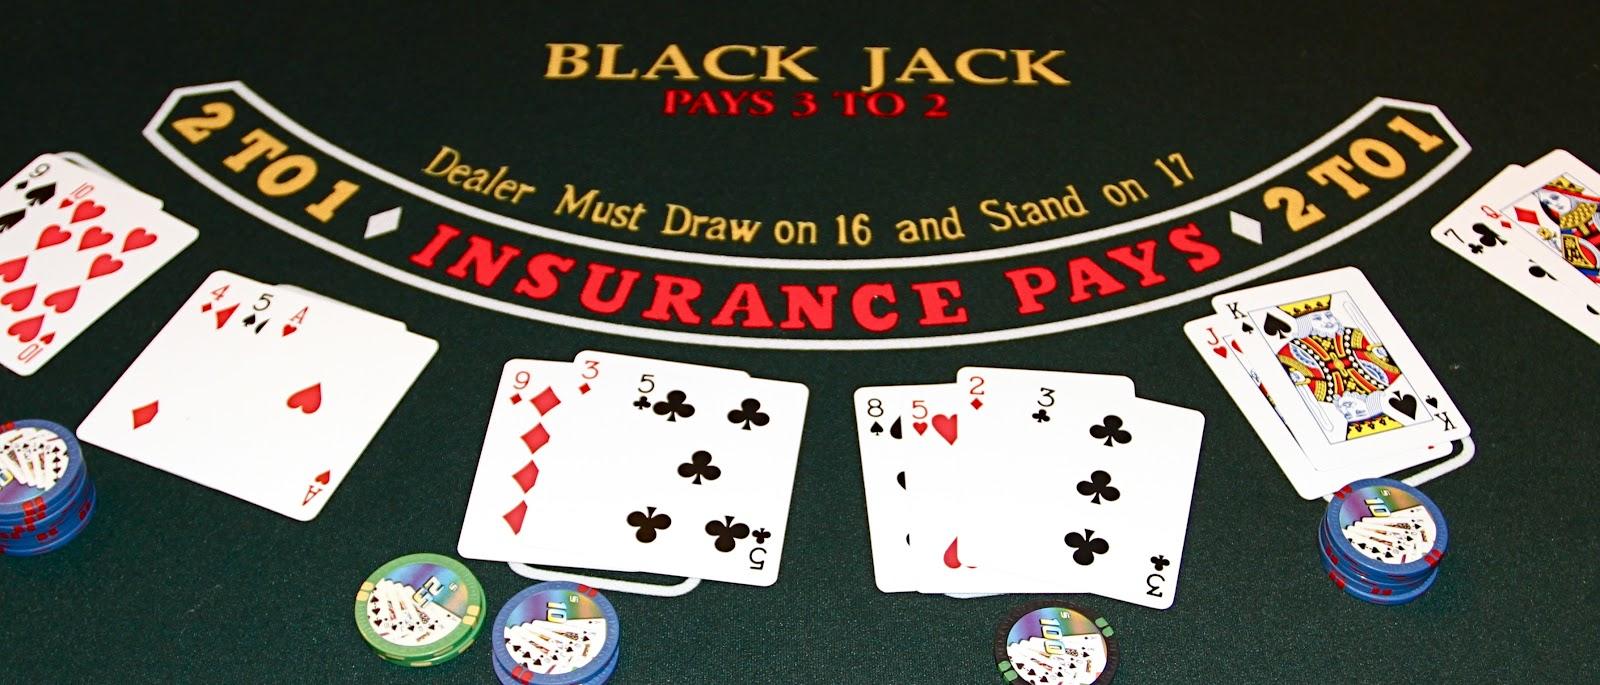 Blackjack en ligne, un choix avantageux